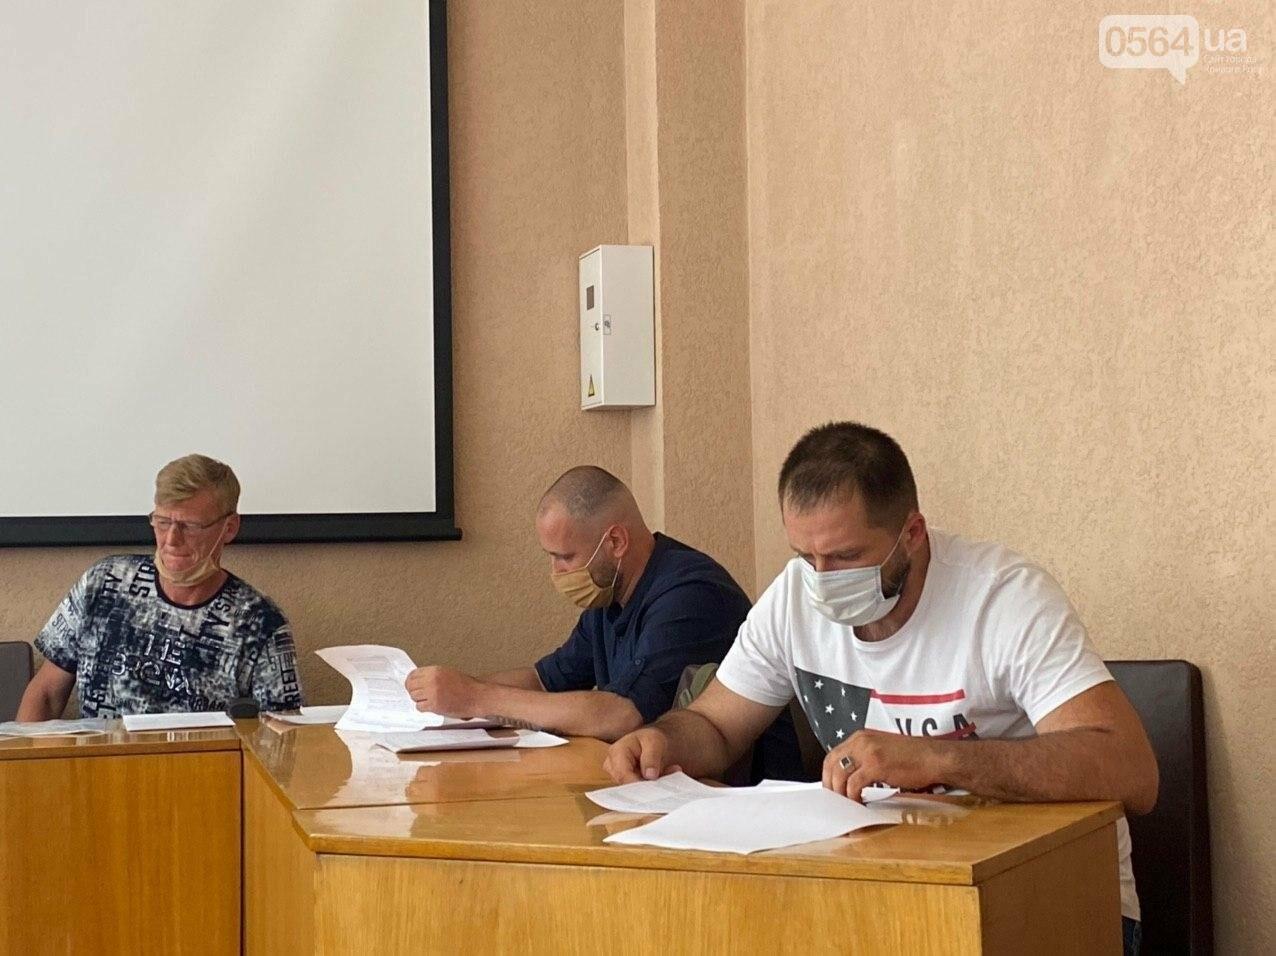 В Кривом Роге состоялось заседание рабочей группы по выплате 30 миллионов на покупку жилья бойцам АТО, - ФОТО, ВИДЕО, фото-6